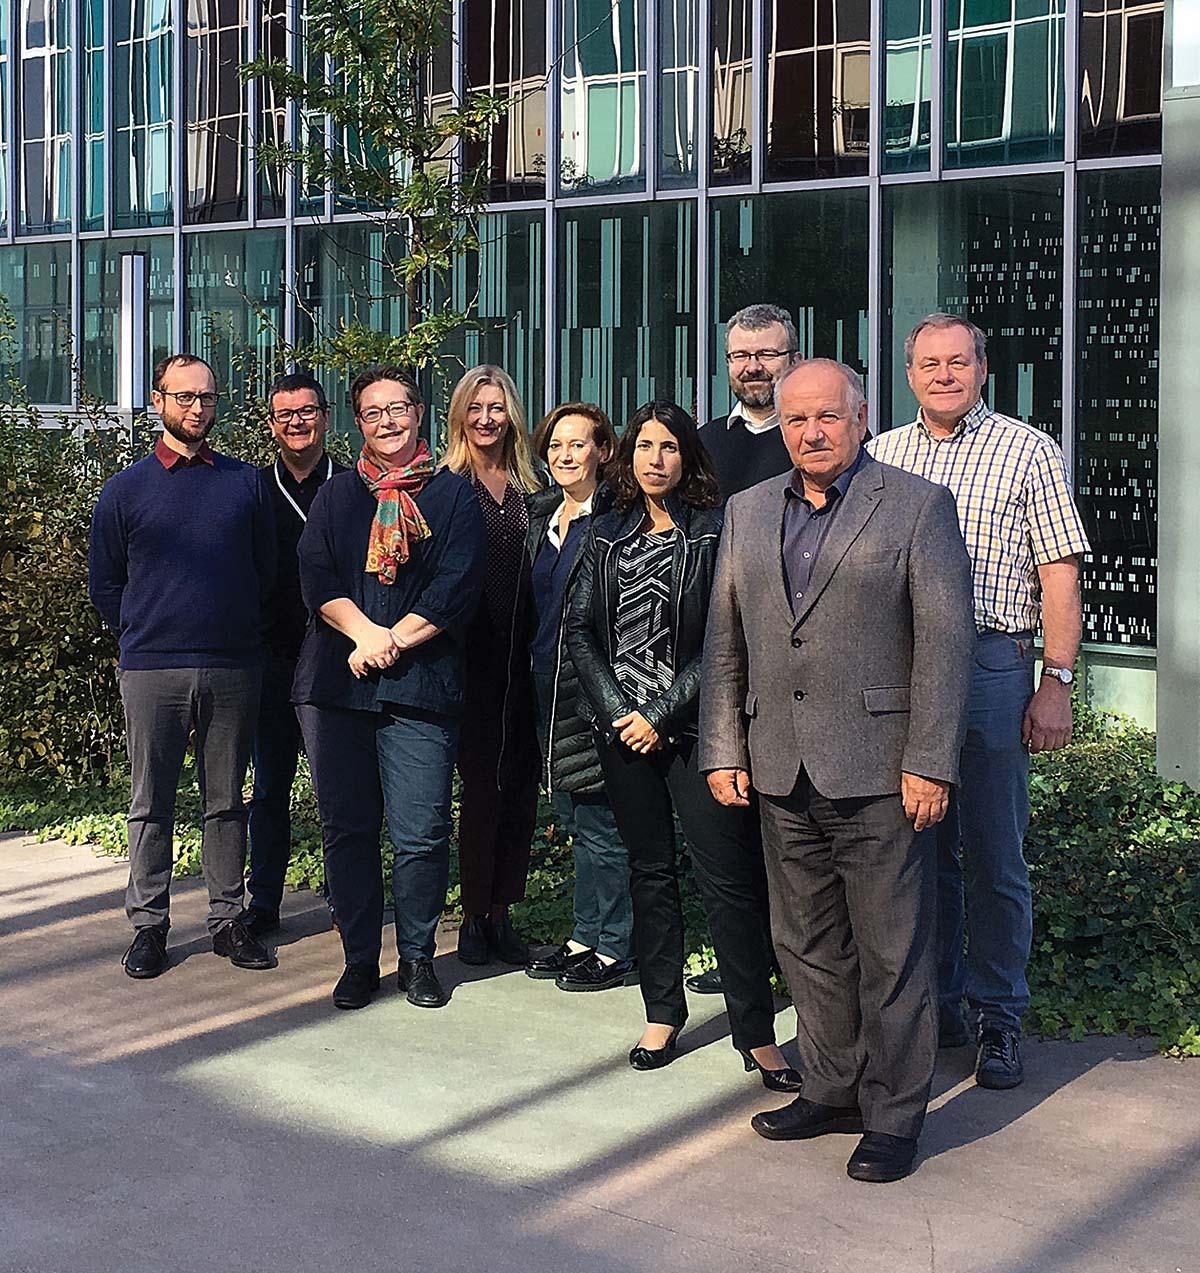 Reunión EU-TEXTILE2030 en Tourcoing 18